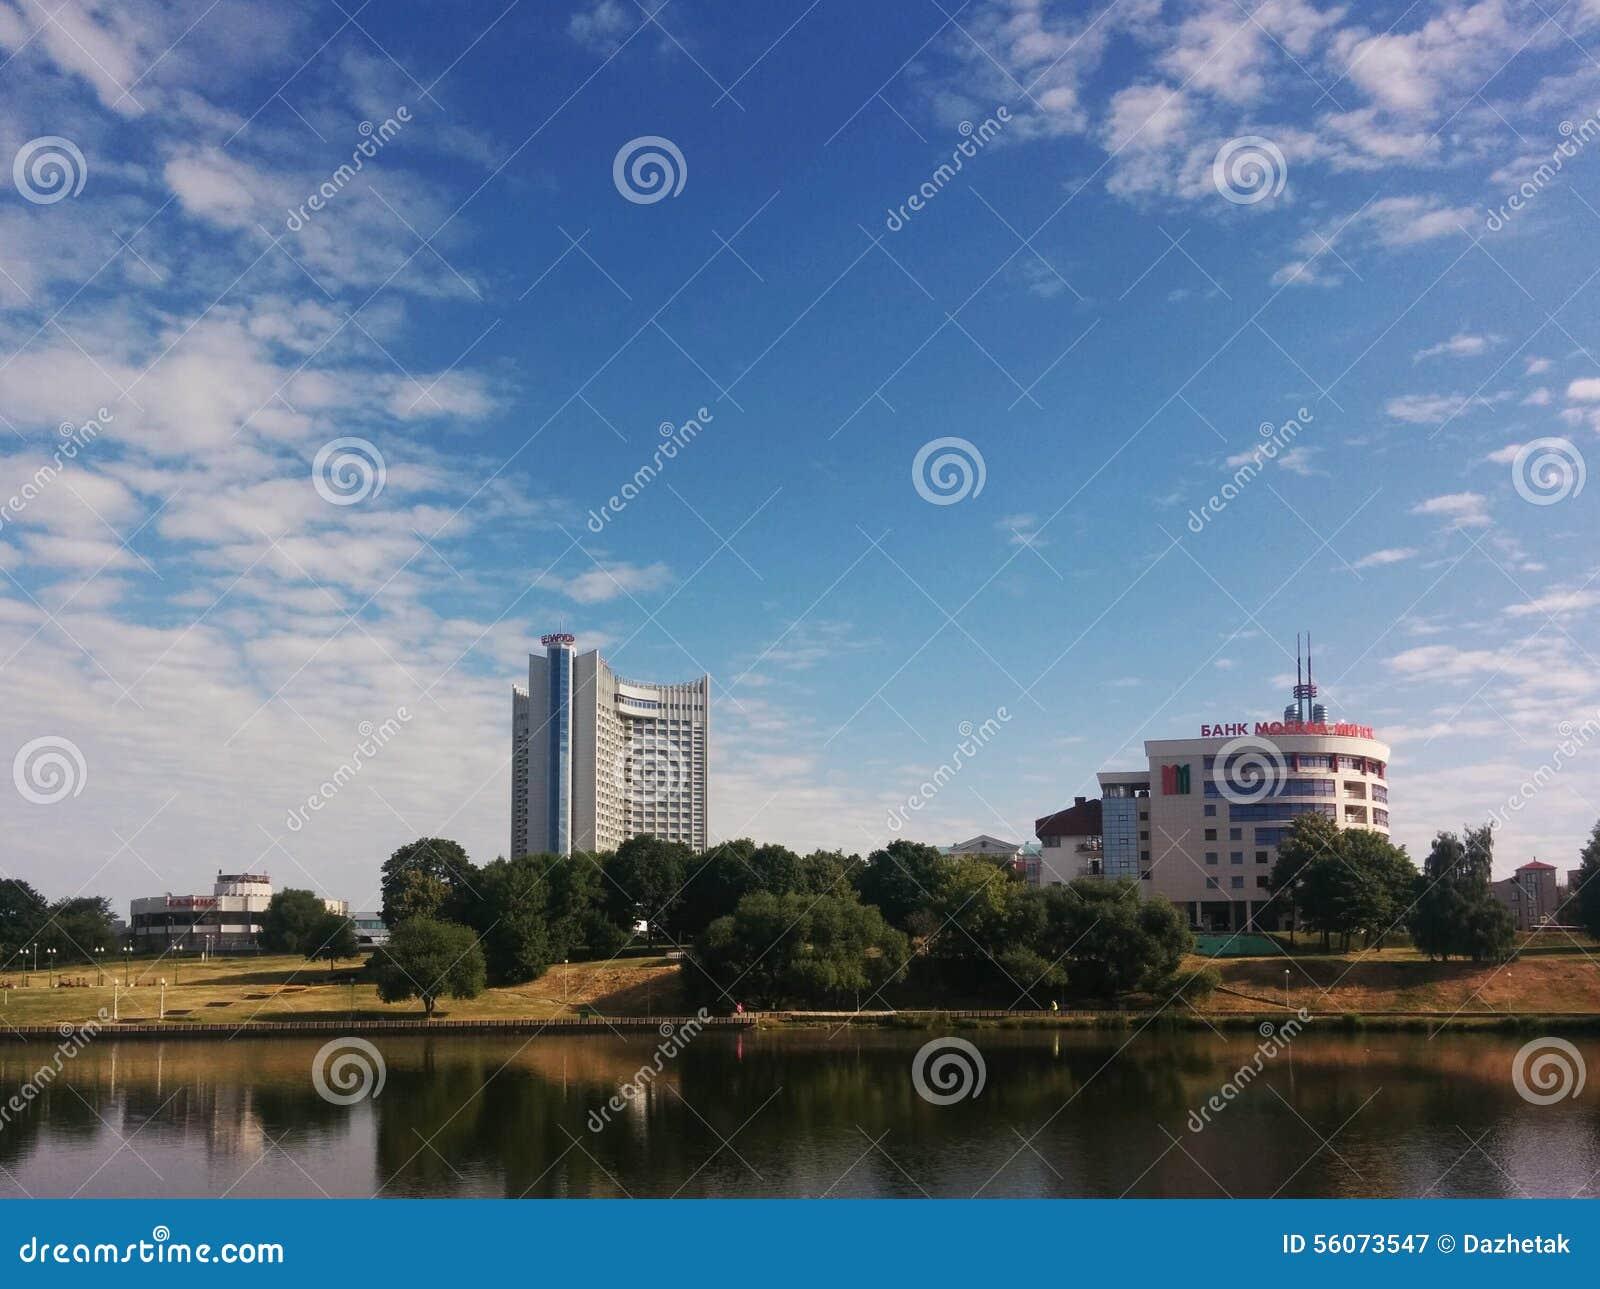 Ξενοδοχείο Λευκορωσία Μινσκ 2015